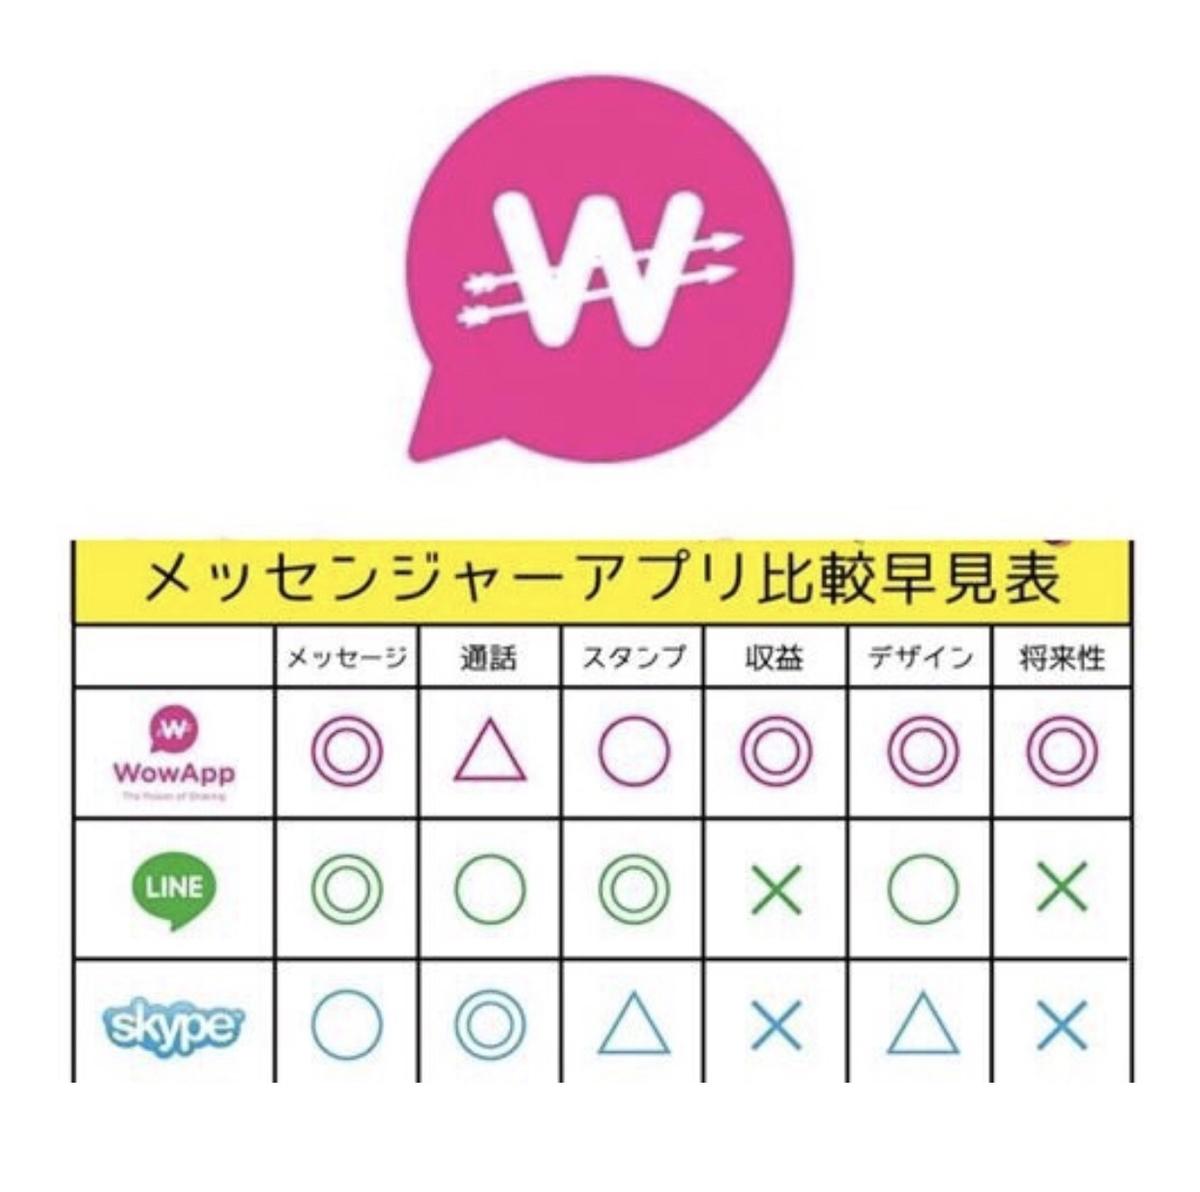 f:id:kaoruikeda:20201026022042j:plain